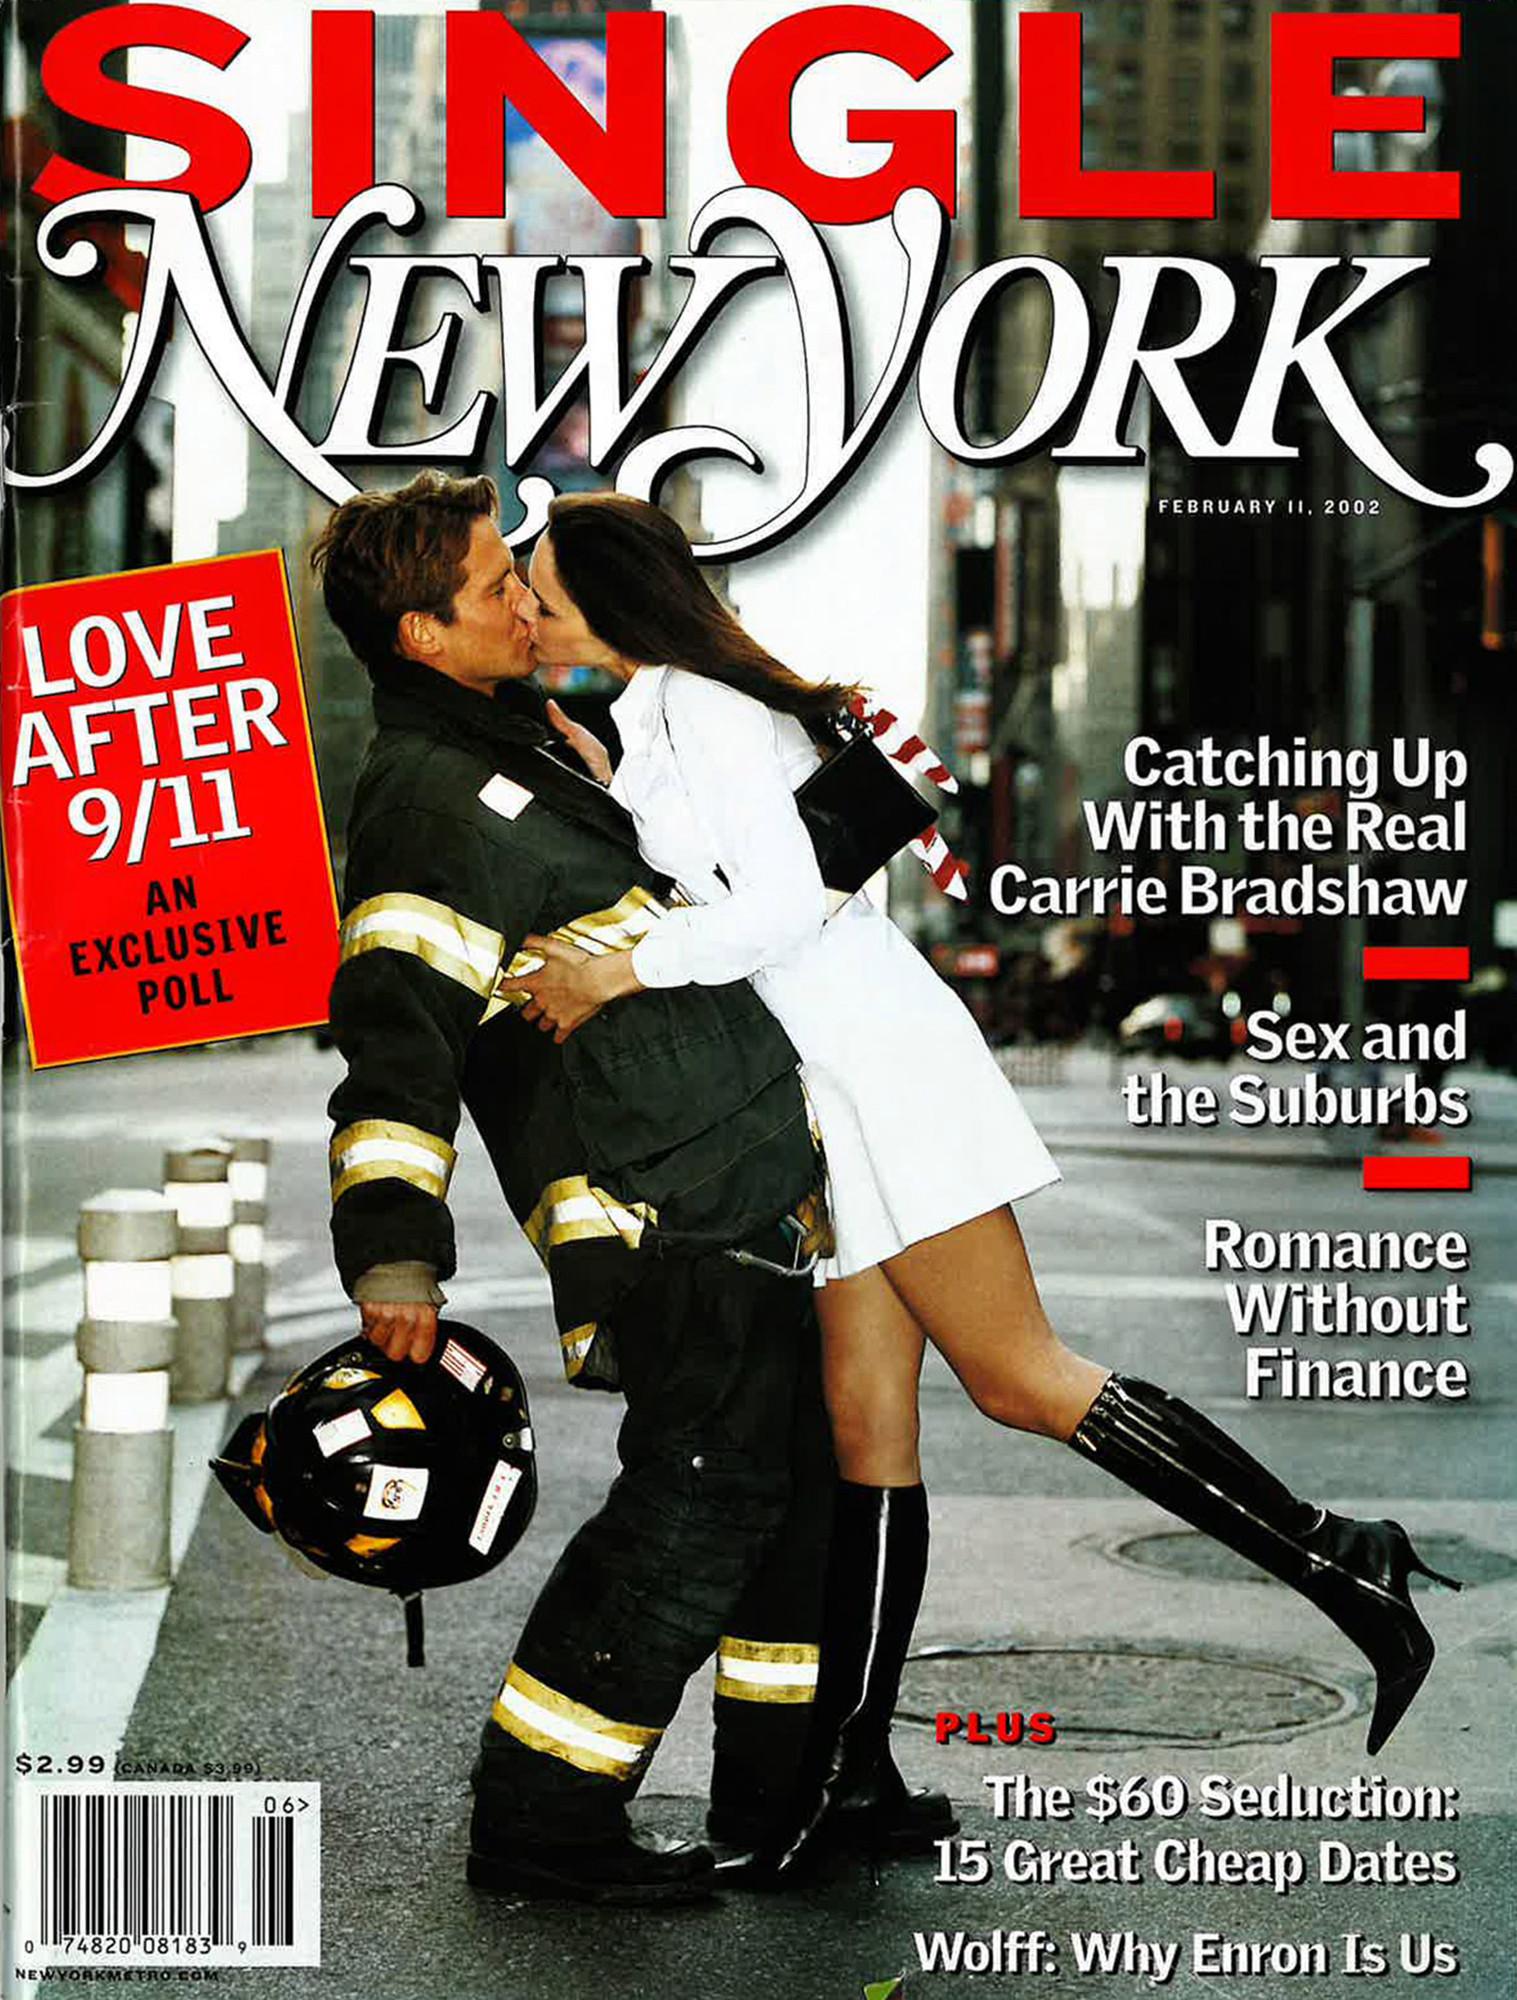 Η Μελάνια Τραμπ σε ένα παθιασμένο φιλί με πυροσβέστη για αμερικανικό περιοδικό